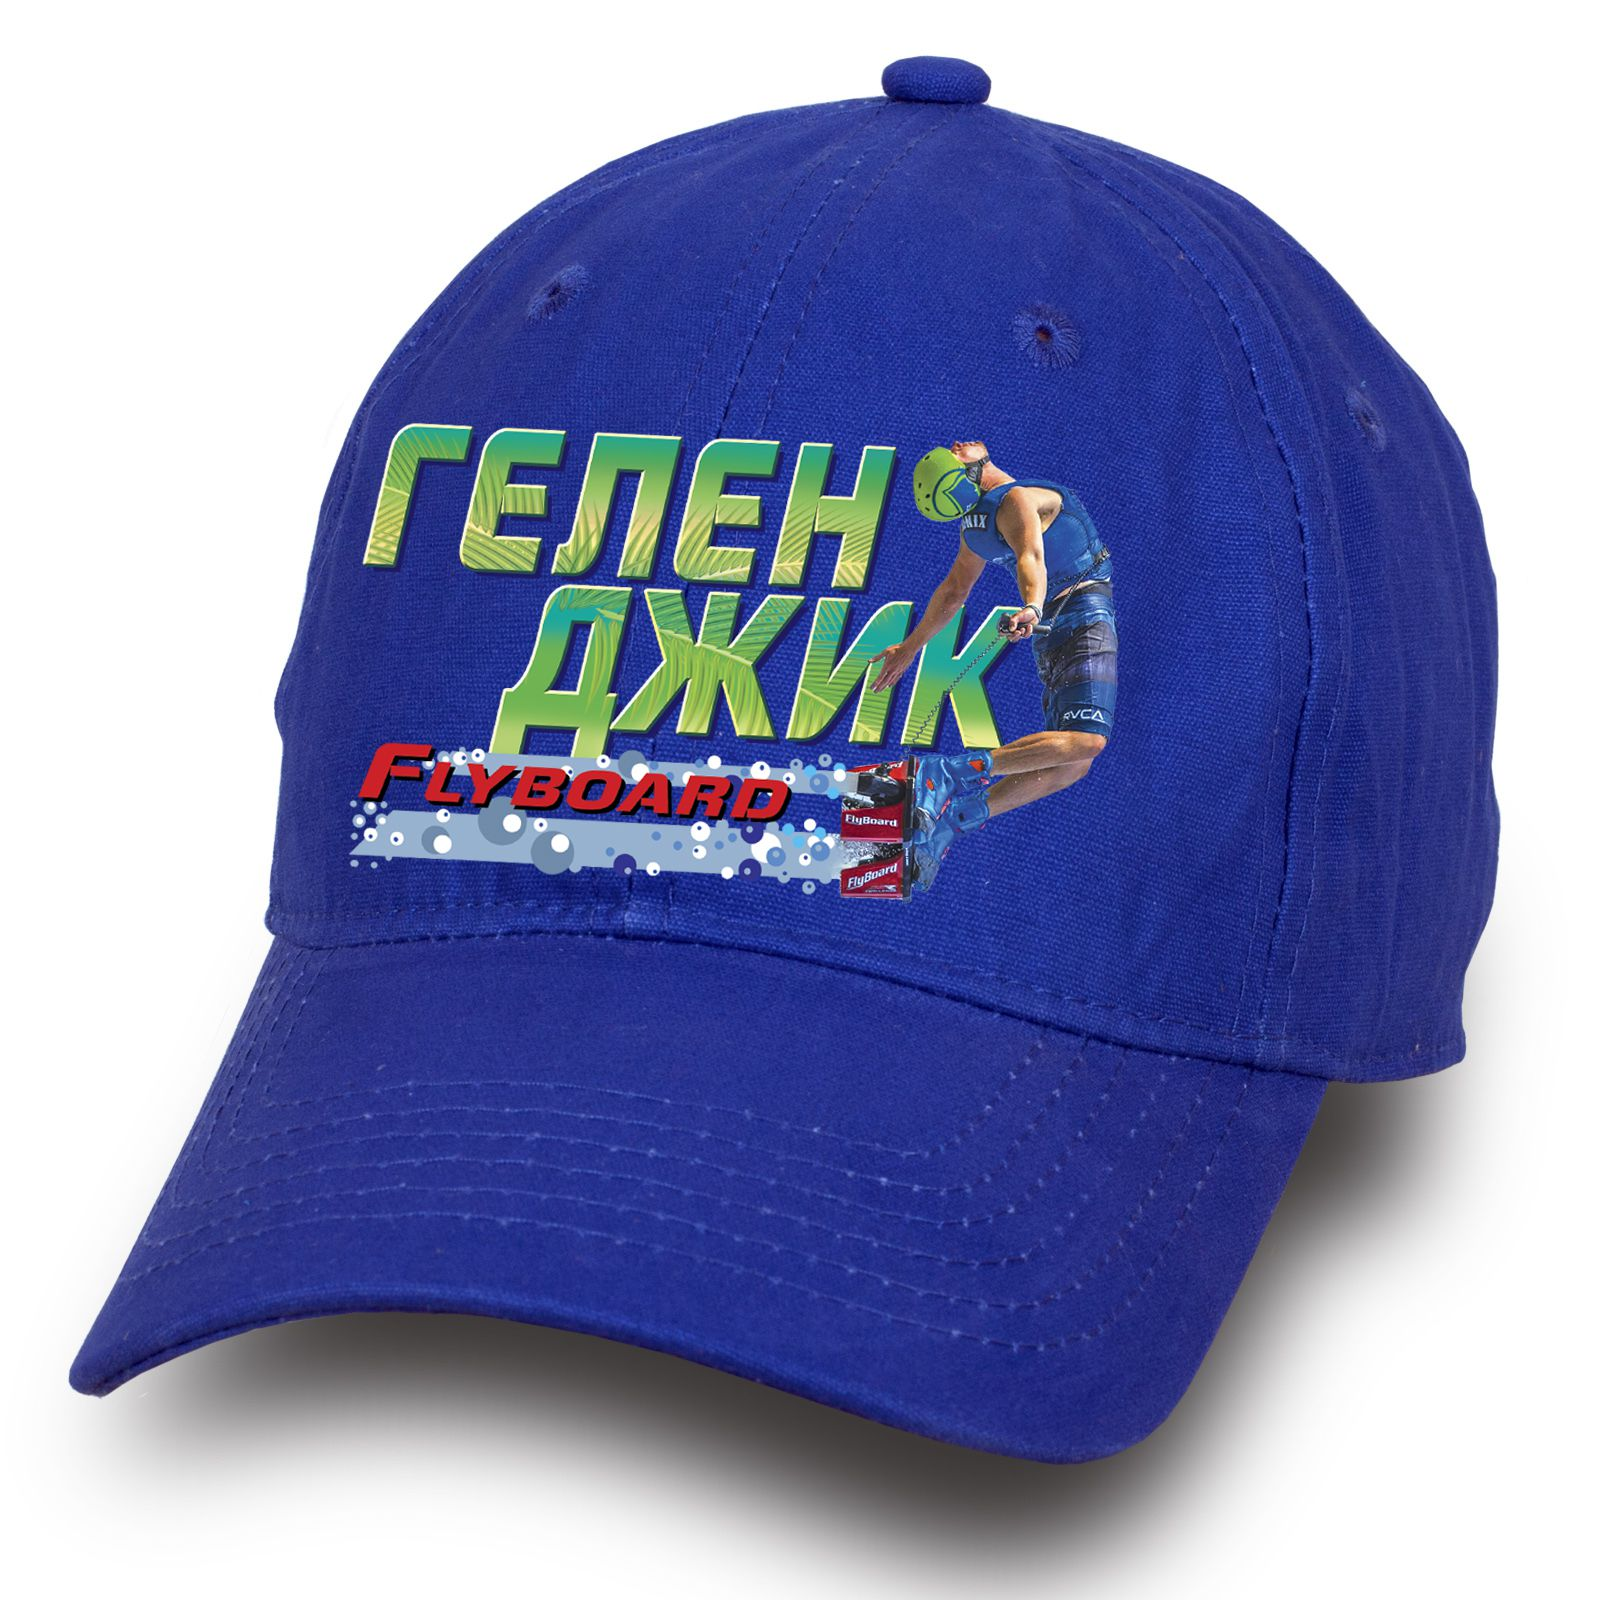 Синяя бейсболка для отдыха в Геленджике - купить недорого с доставкой